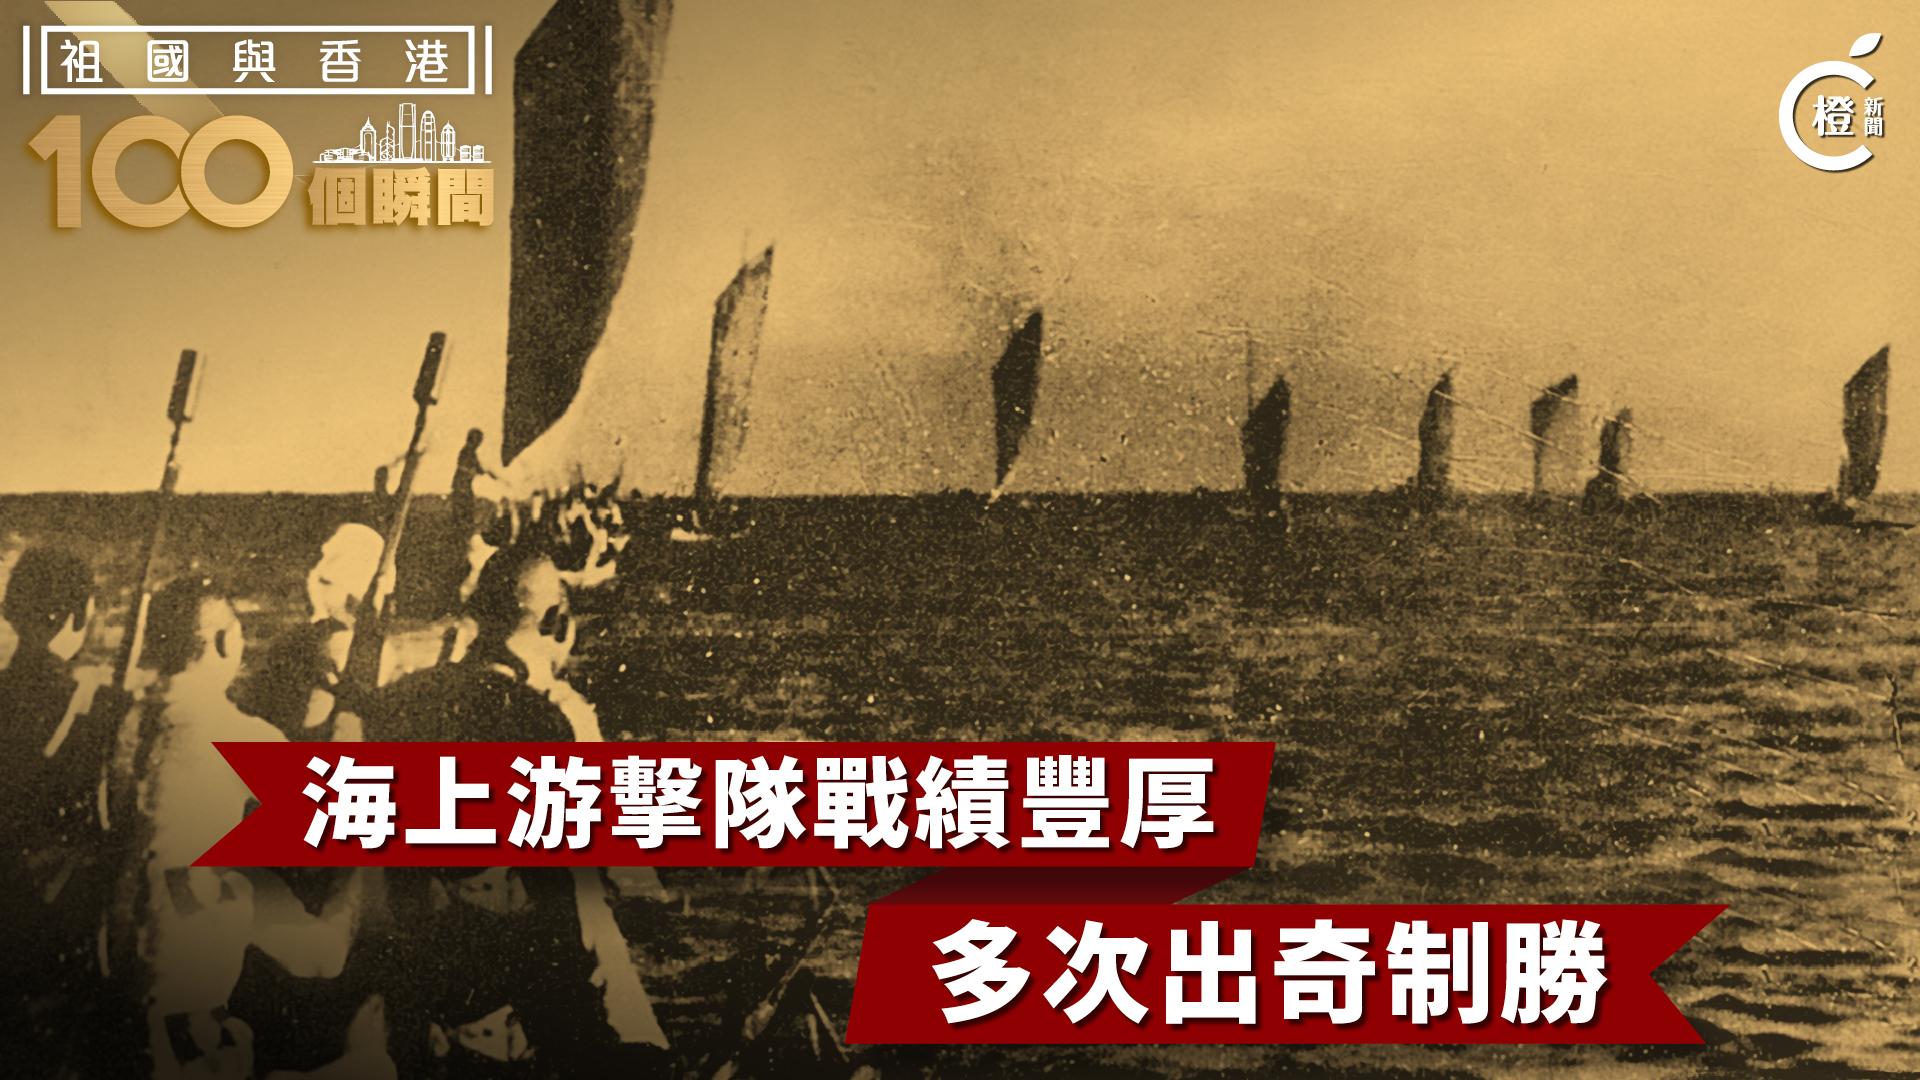 【祖國與香港100個瞬間】海上游擊戰戰績豐富 多次出奇制勝